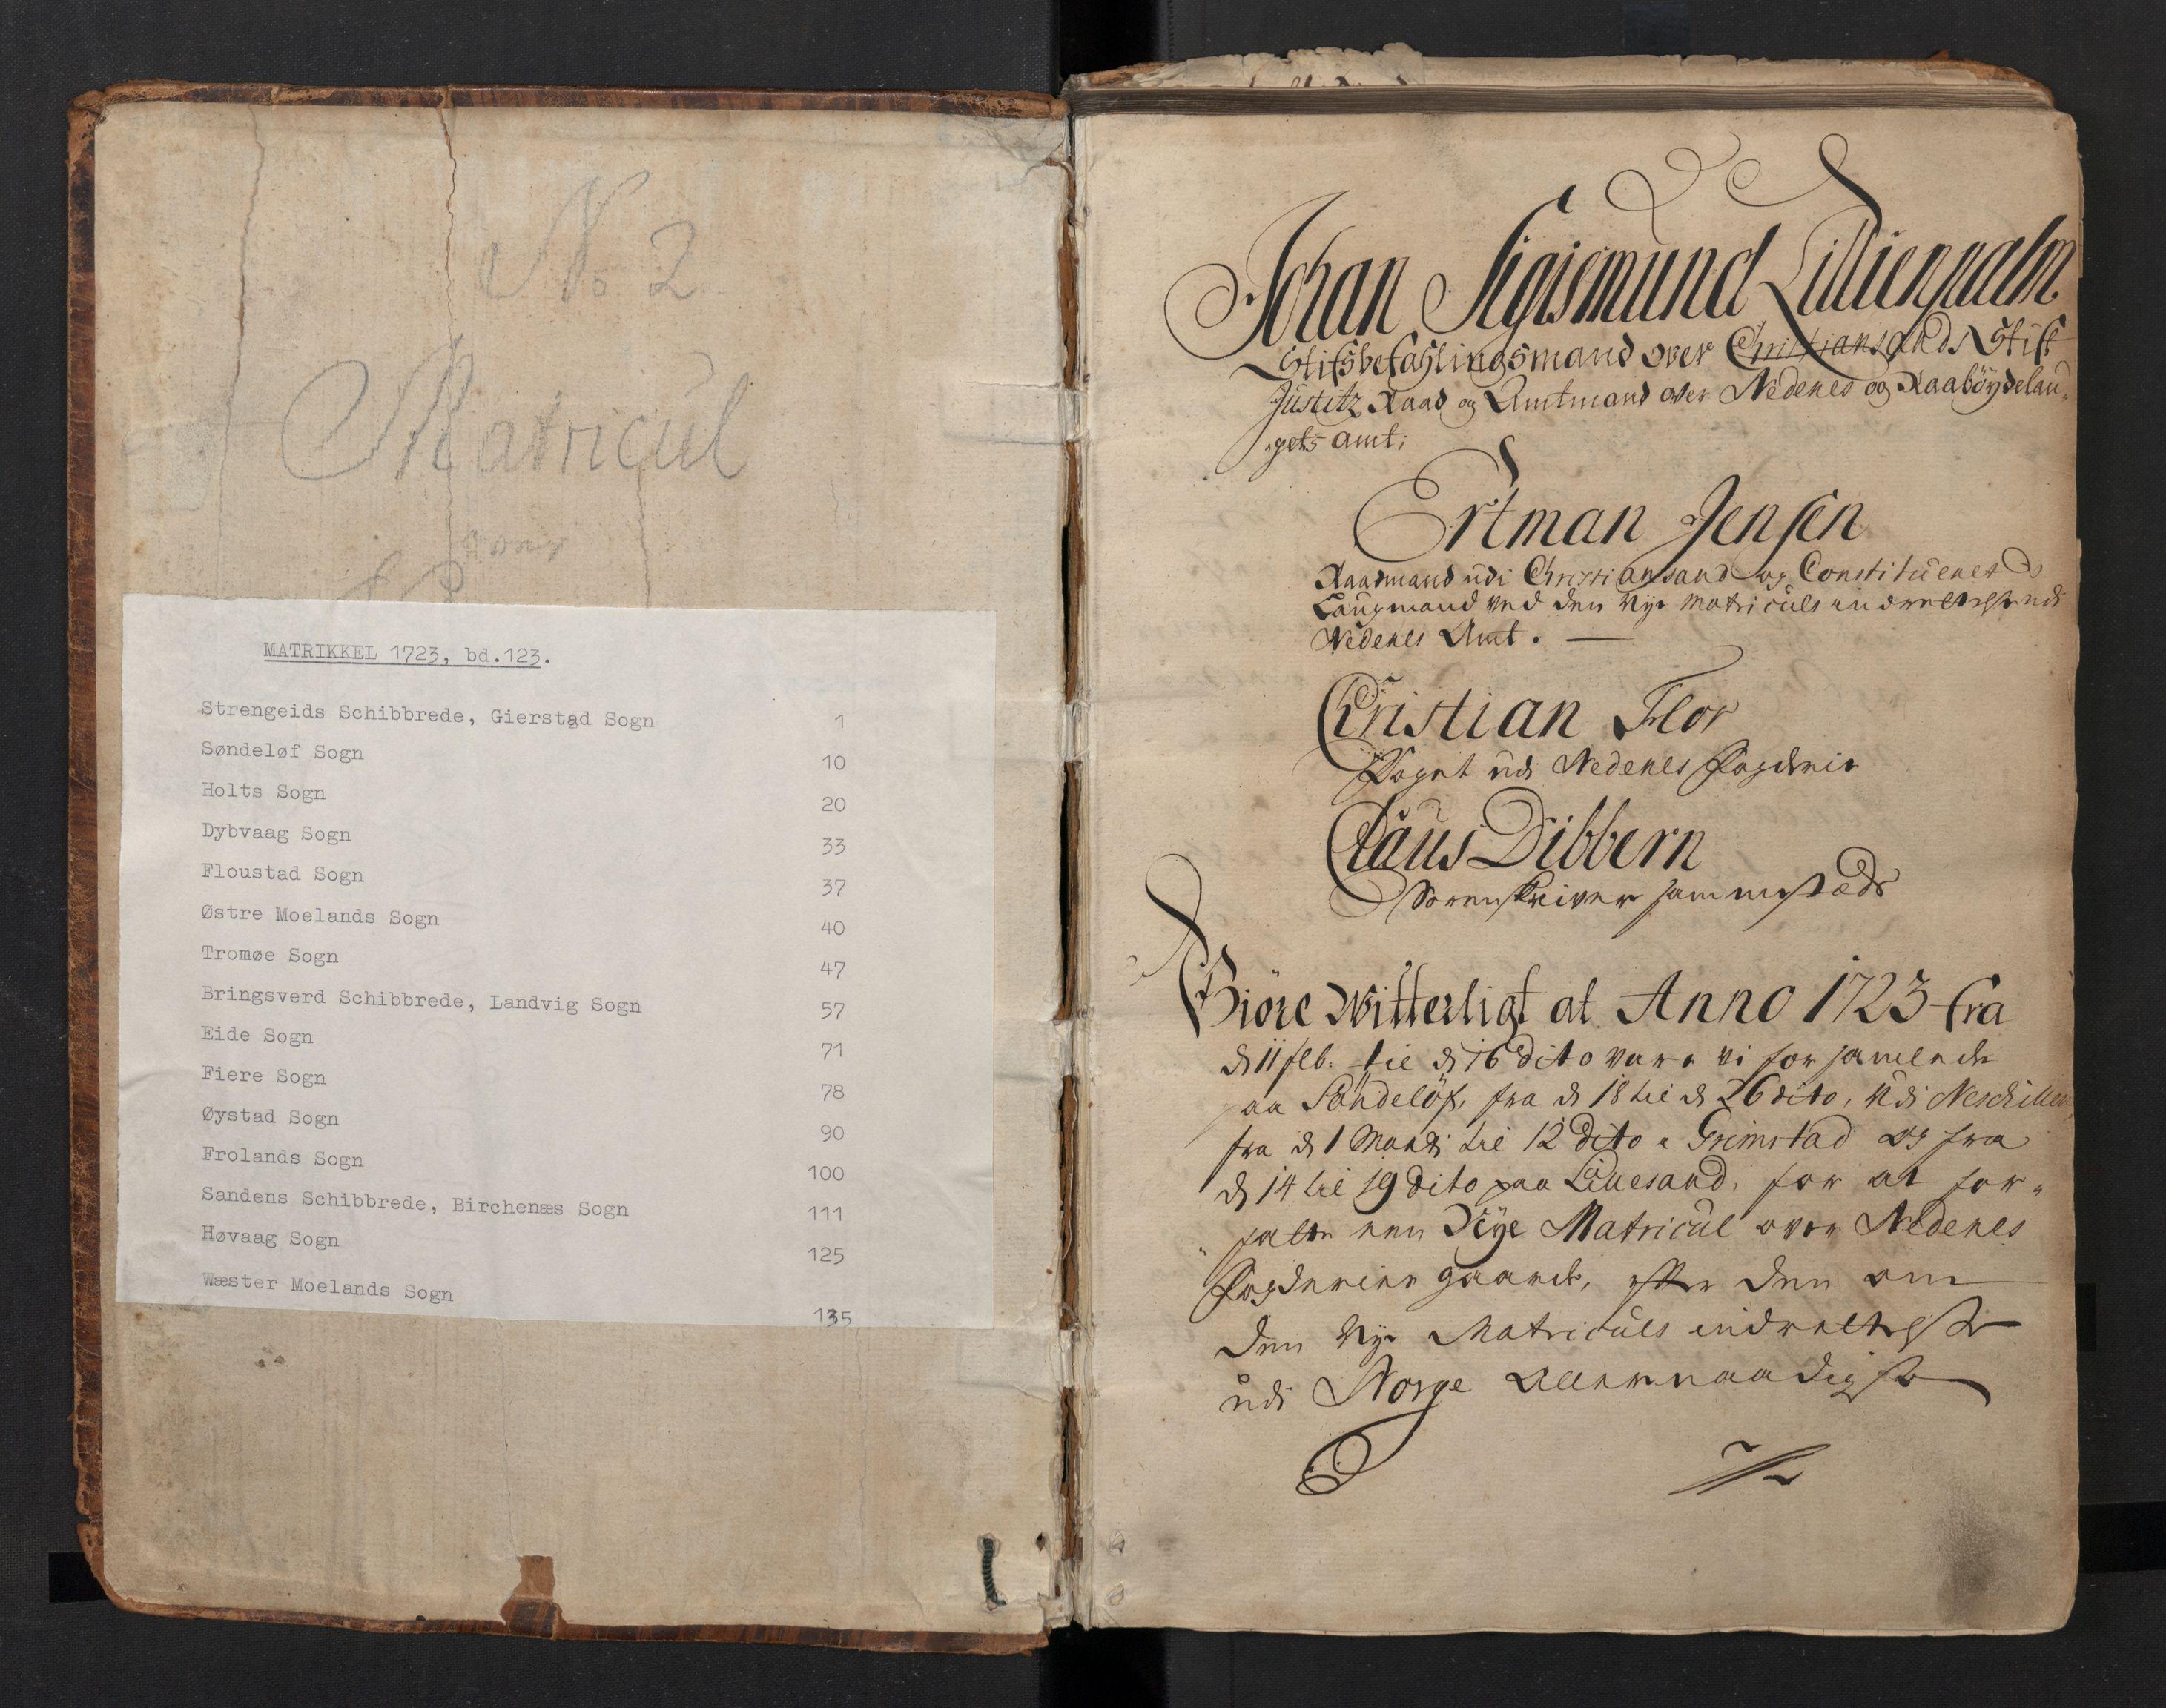 RA, Rentekammeret inntil 1814, Realistisk ordnet avdeling, N/Nb/Nbf/L0123: Nedenes matrikkelprotokoll, 1723, s. upaginert